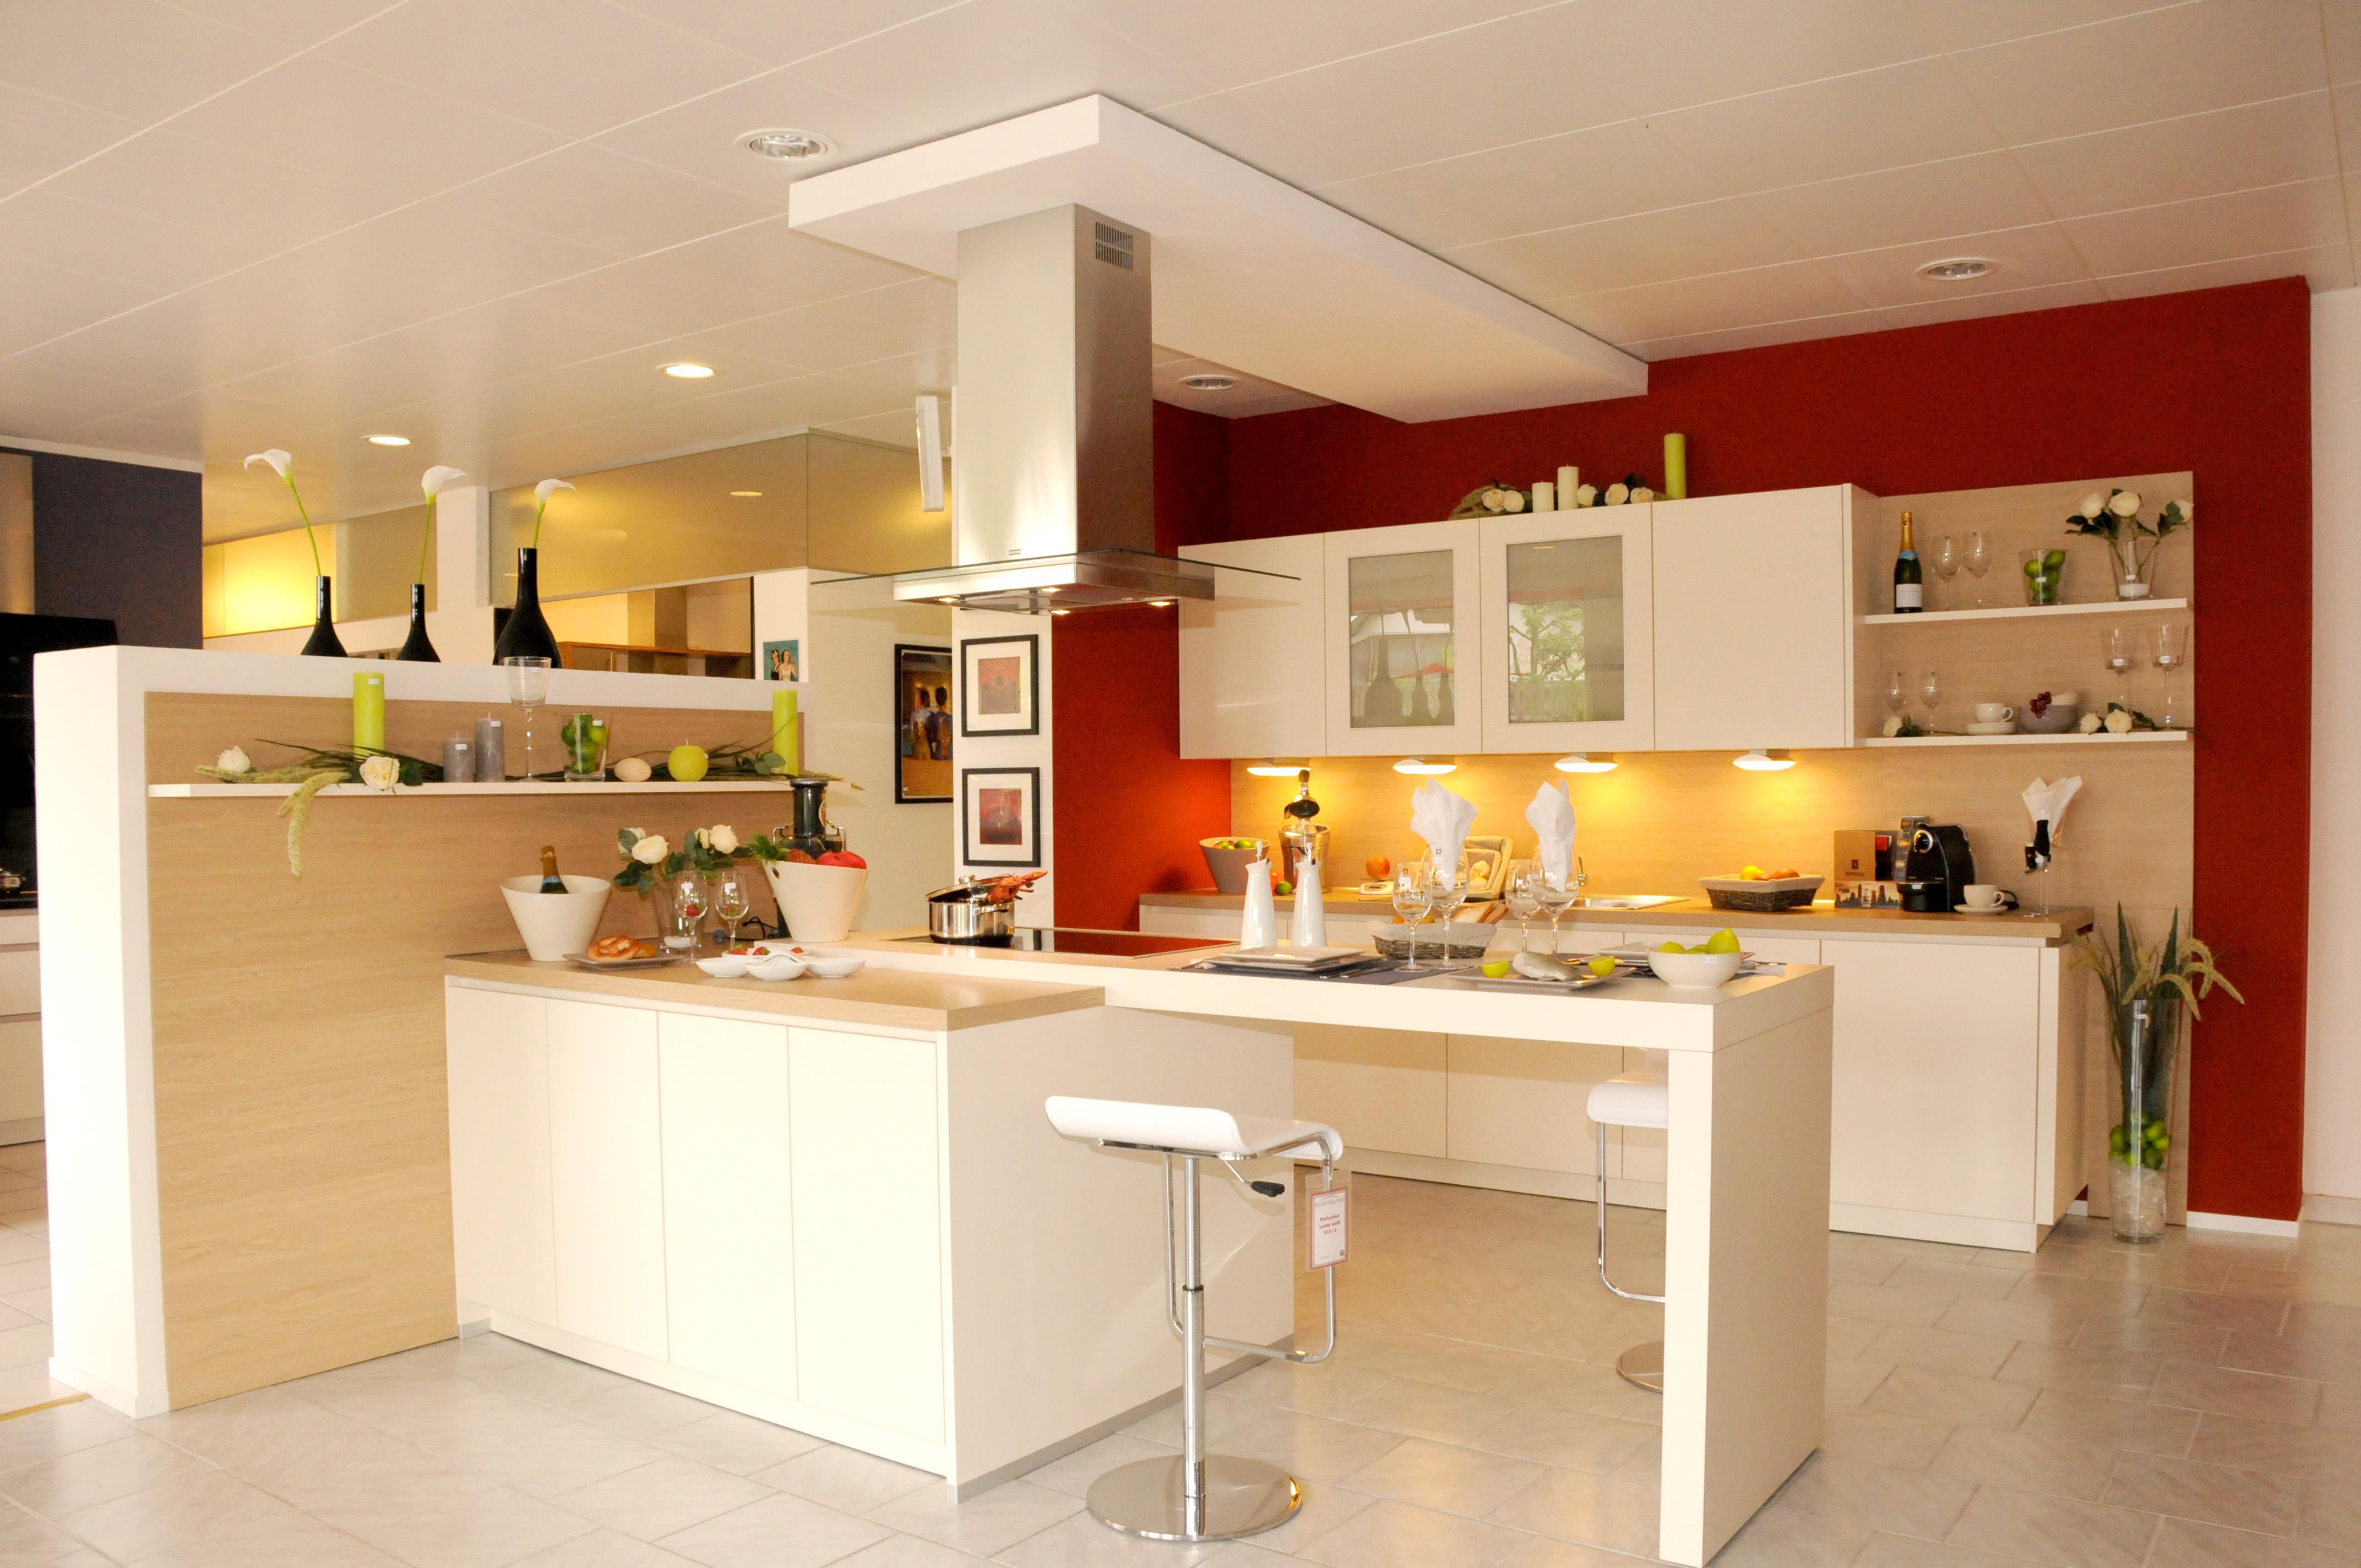 einbauk chen in maulburg m bel und haushalt kleinanzeigen. Black Bedroom Furniture Sets. Home Design Ideas